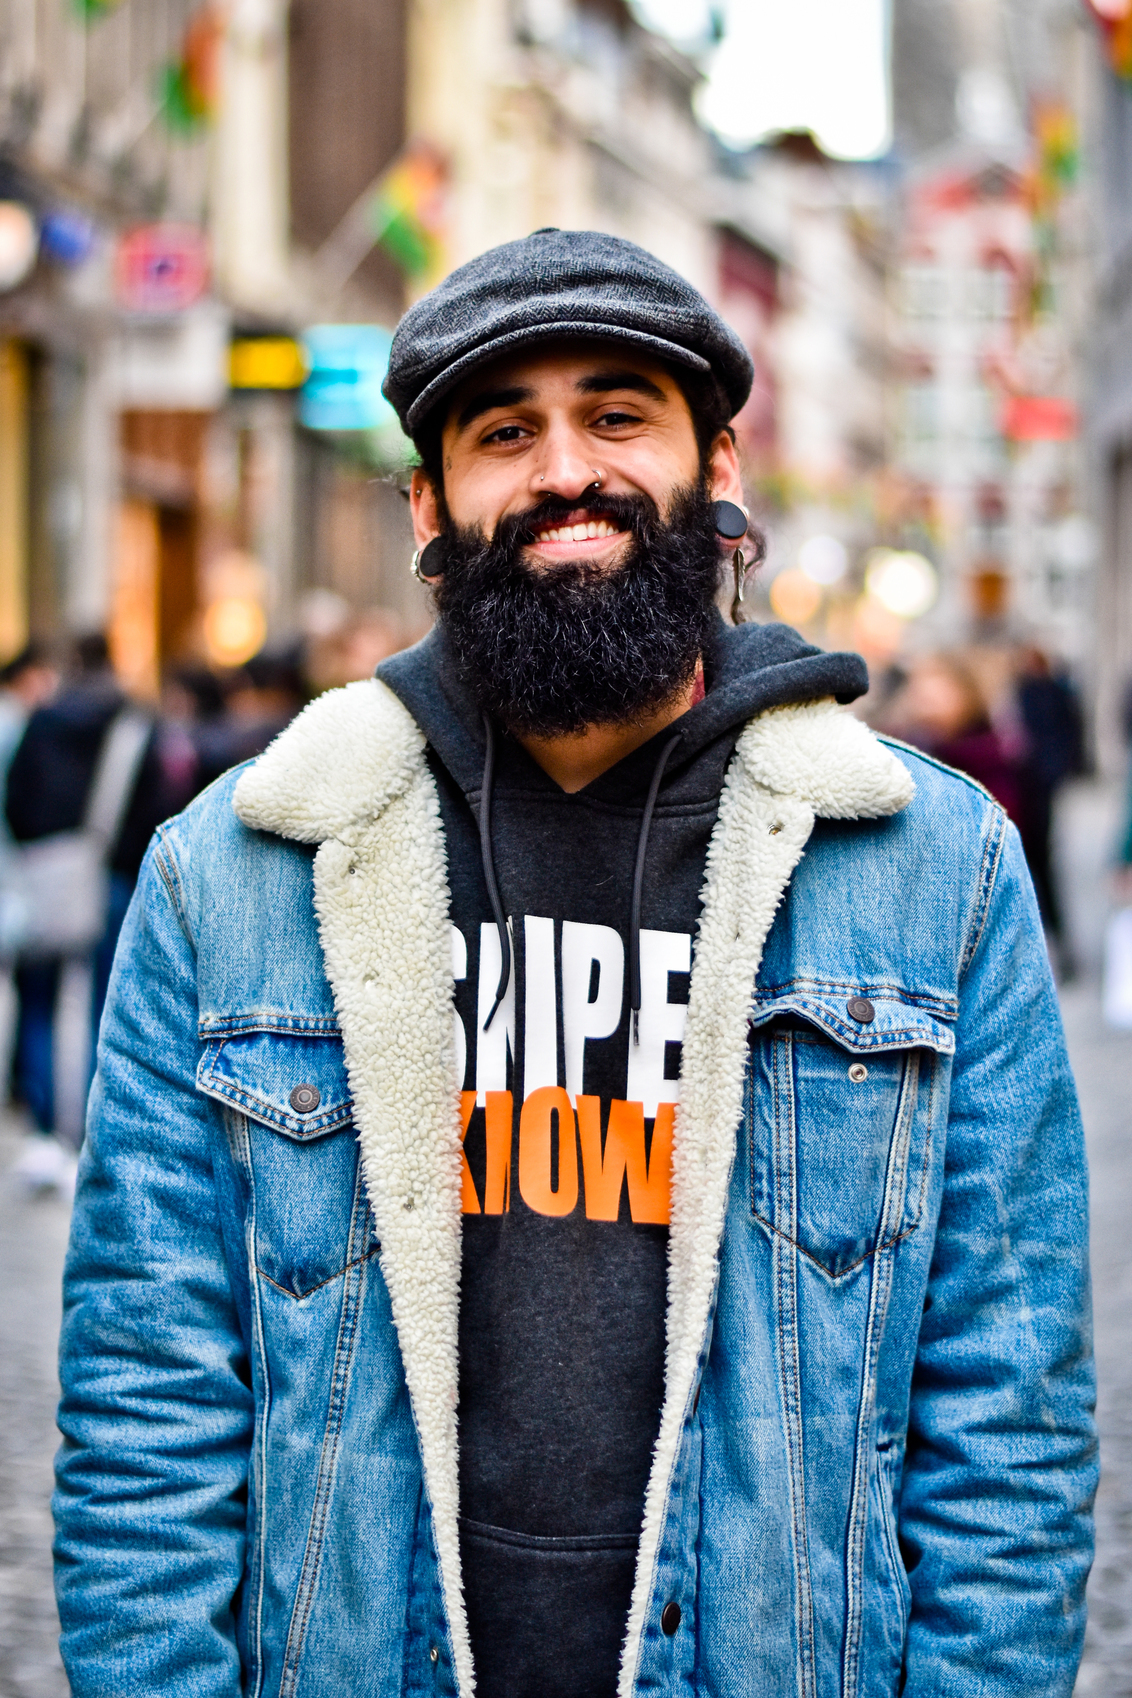 Passersby 10 - - - foto door ellis77 op 08-02-2018 - deze foto bevat: man, portret, straatfotografie, baard, 50mm